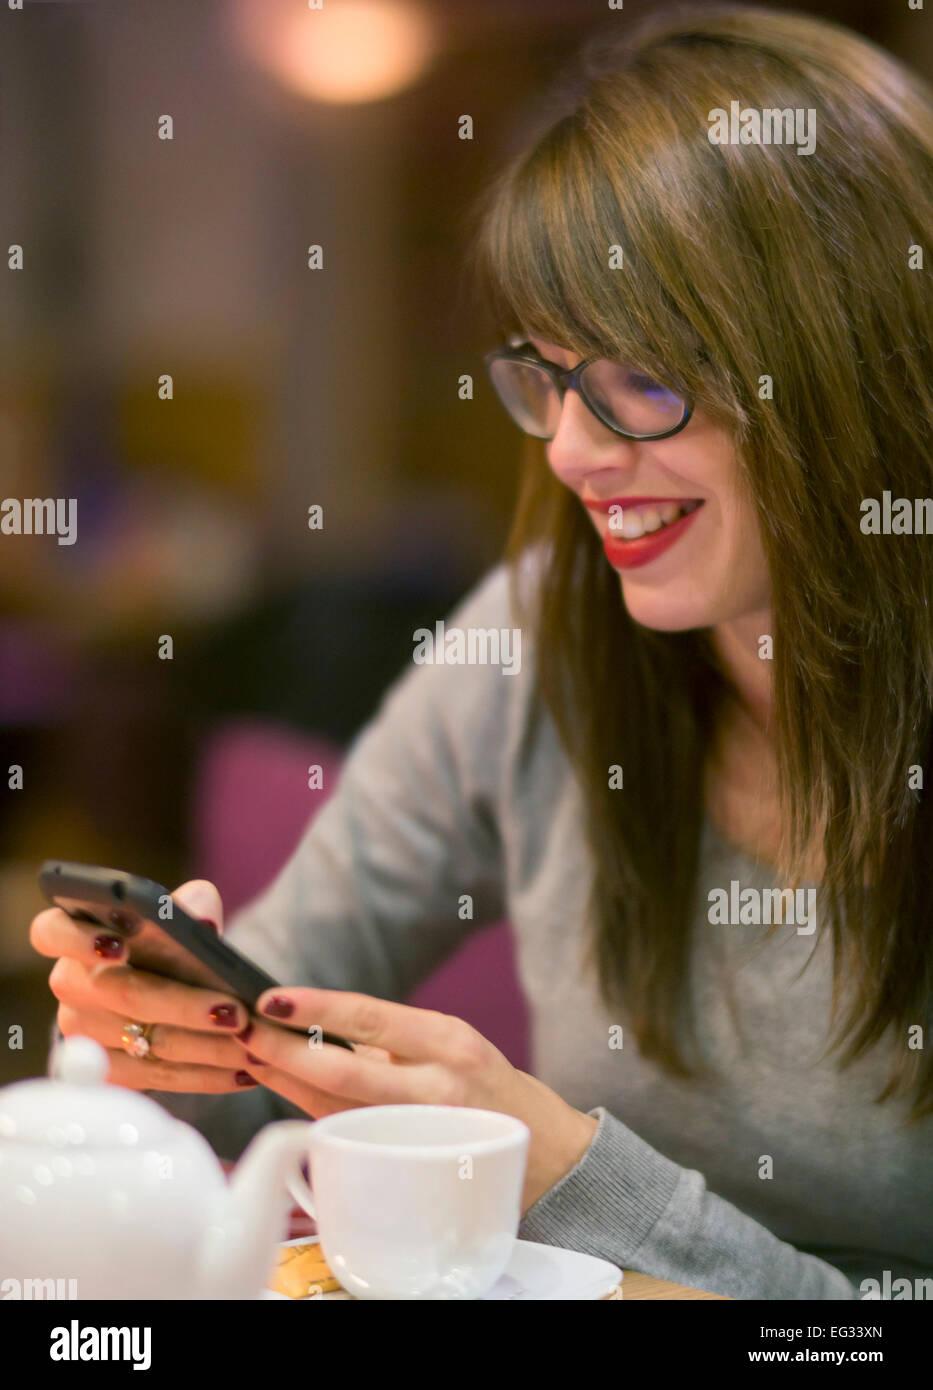 Schöne junge Frau, die Überprüfung ihres Mobiltelefons während ein heißes Getränk Stockbild